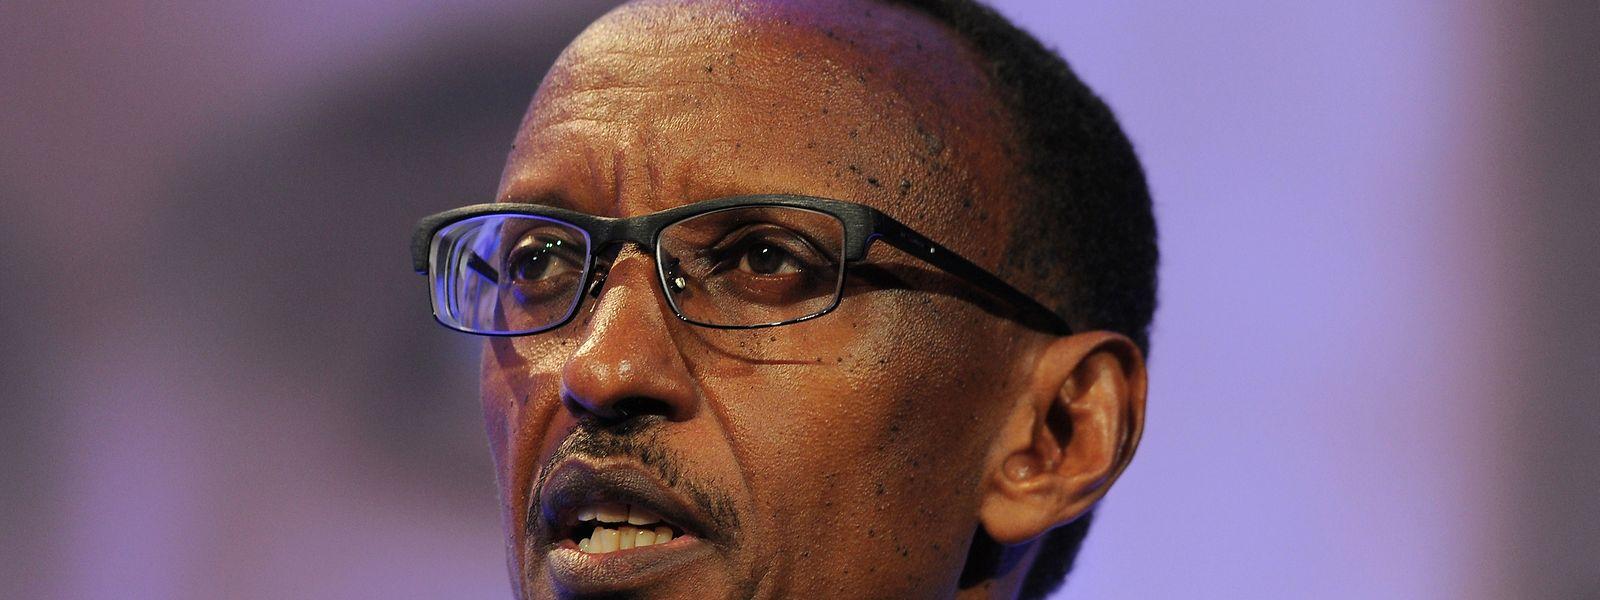 Seit 2000 ist Paul Kagame ununterbrochen Präsident von Ruanda.